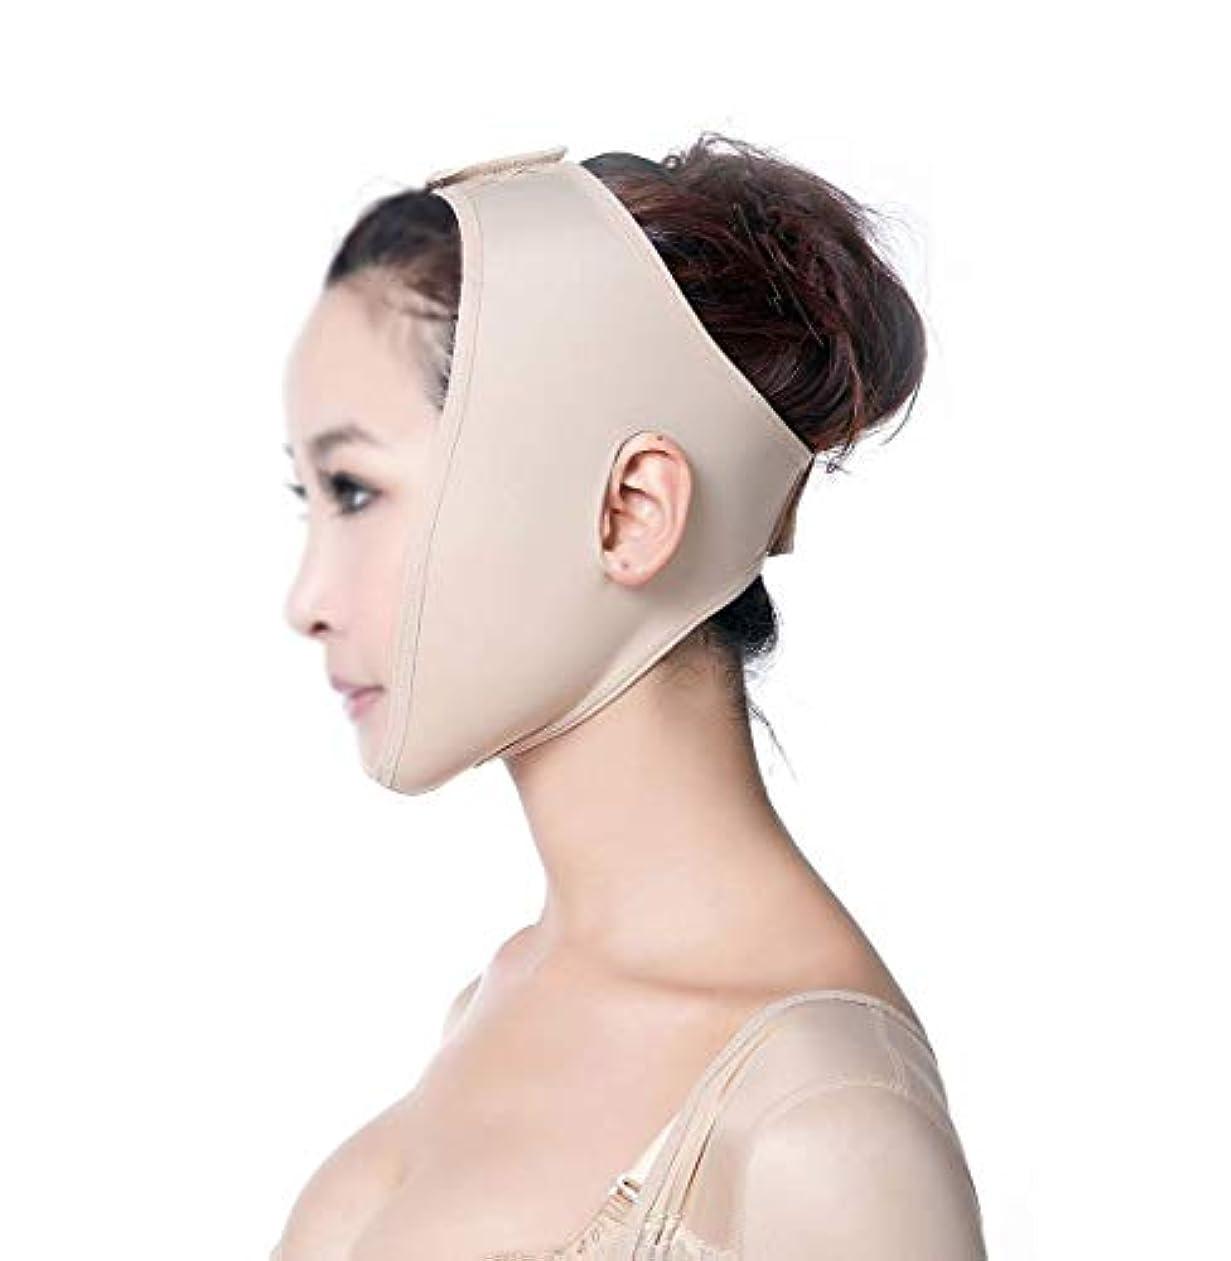 業界検出可能ピジンフェイスリフトマスクフェイスアンドネックリフトポストエラスティックスリーブ下顎骨セットフェイスアーティファクトVフェイスフェイシャルフェイスバンドルダブルチンマスク(サイズ:L)